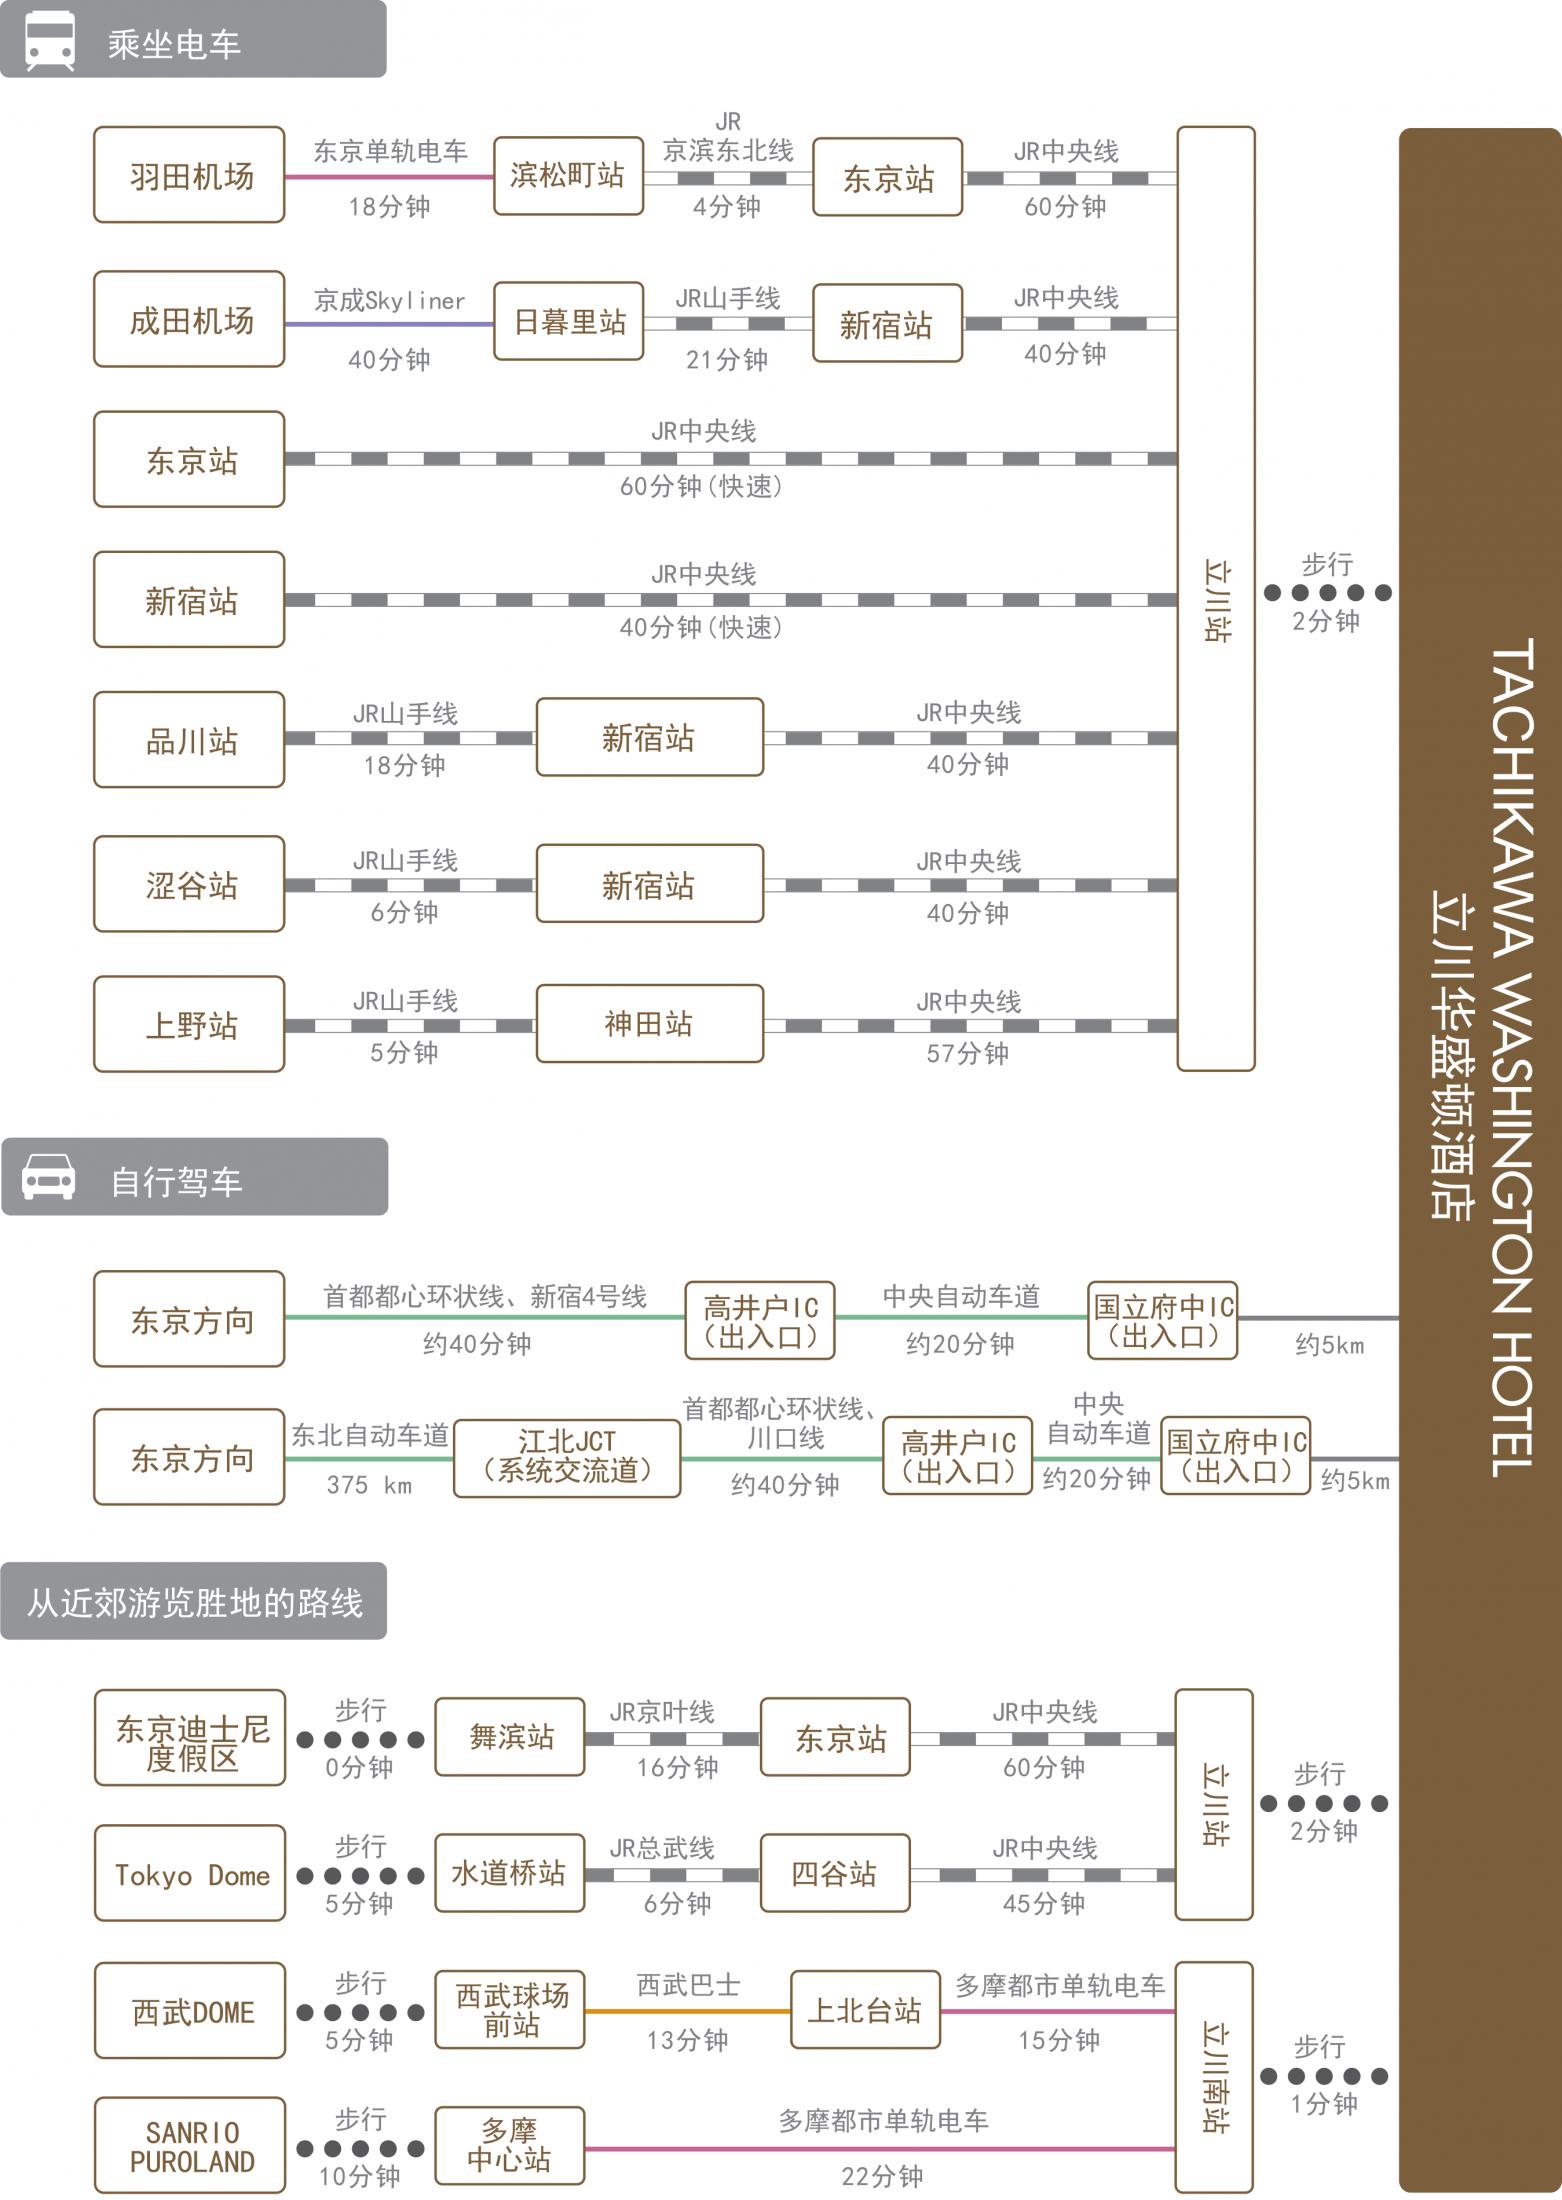 chart_zh-cn_tachikawa_wh